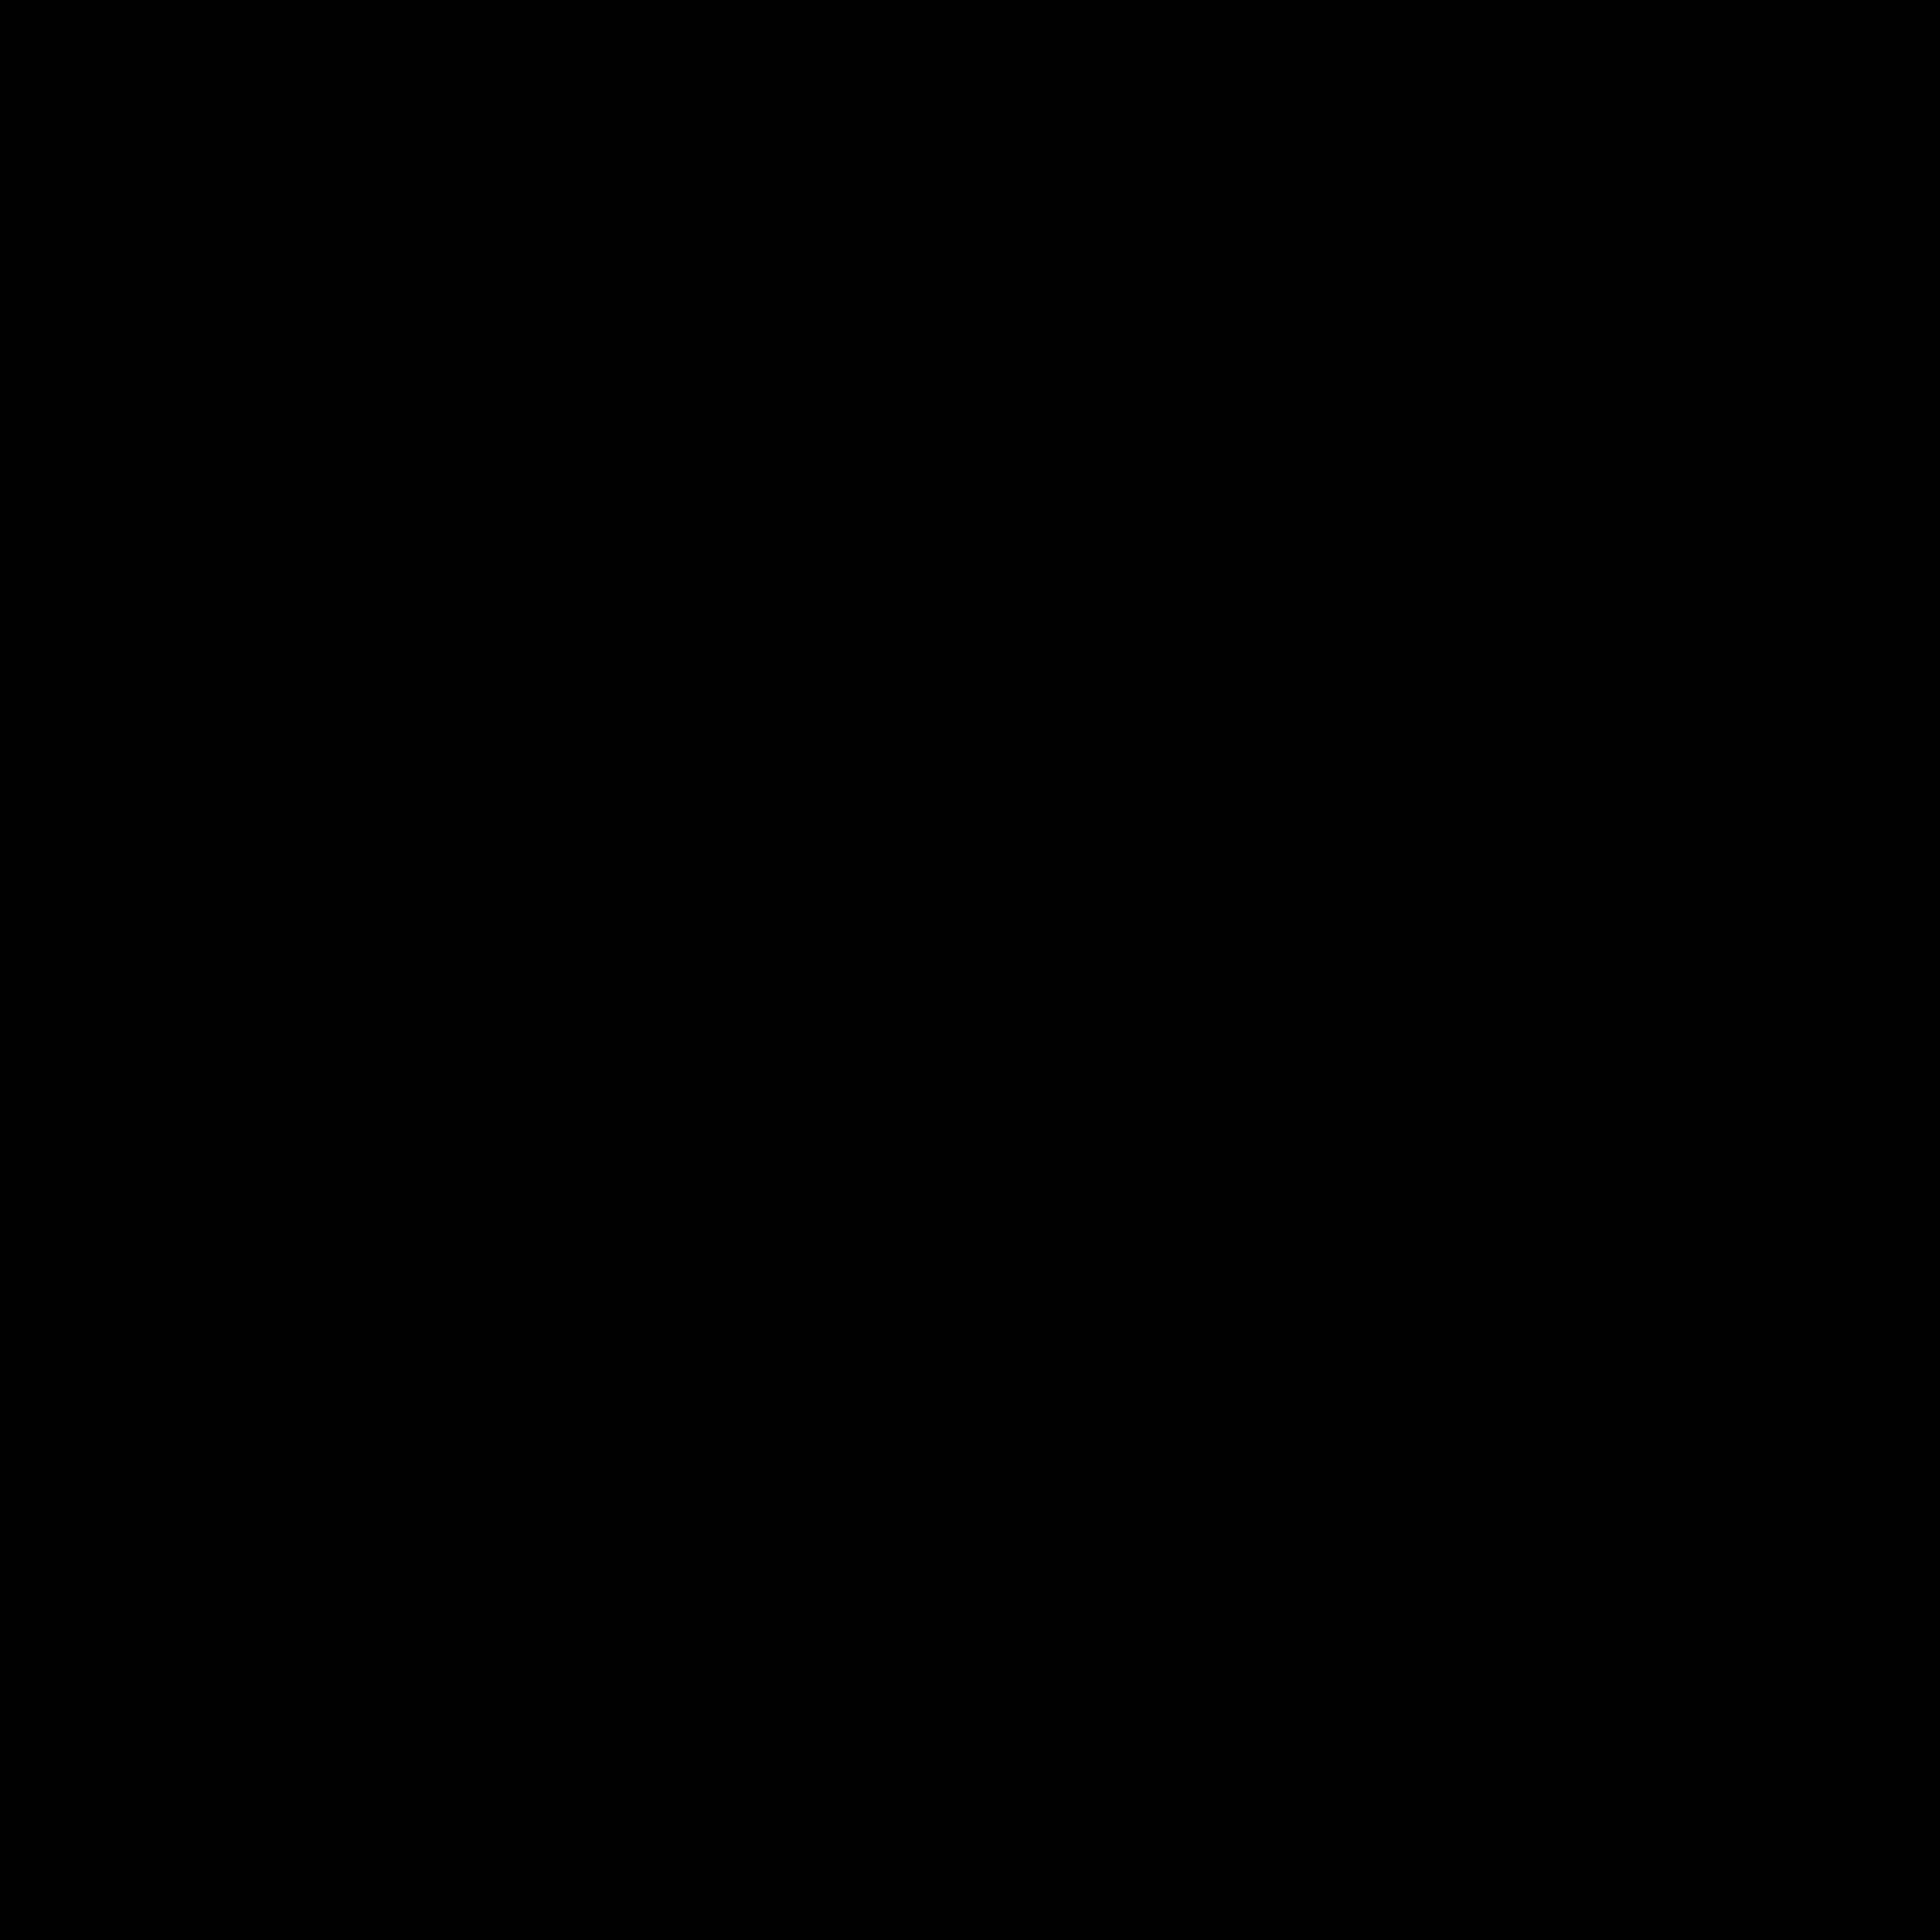 Midtown Pharmacy 2